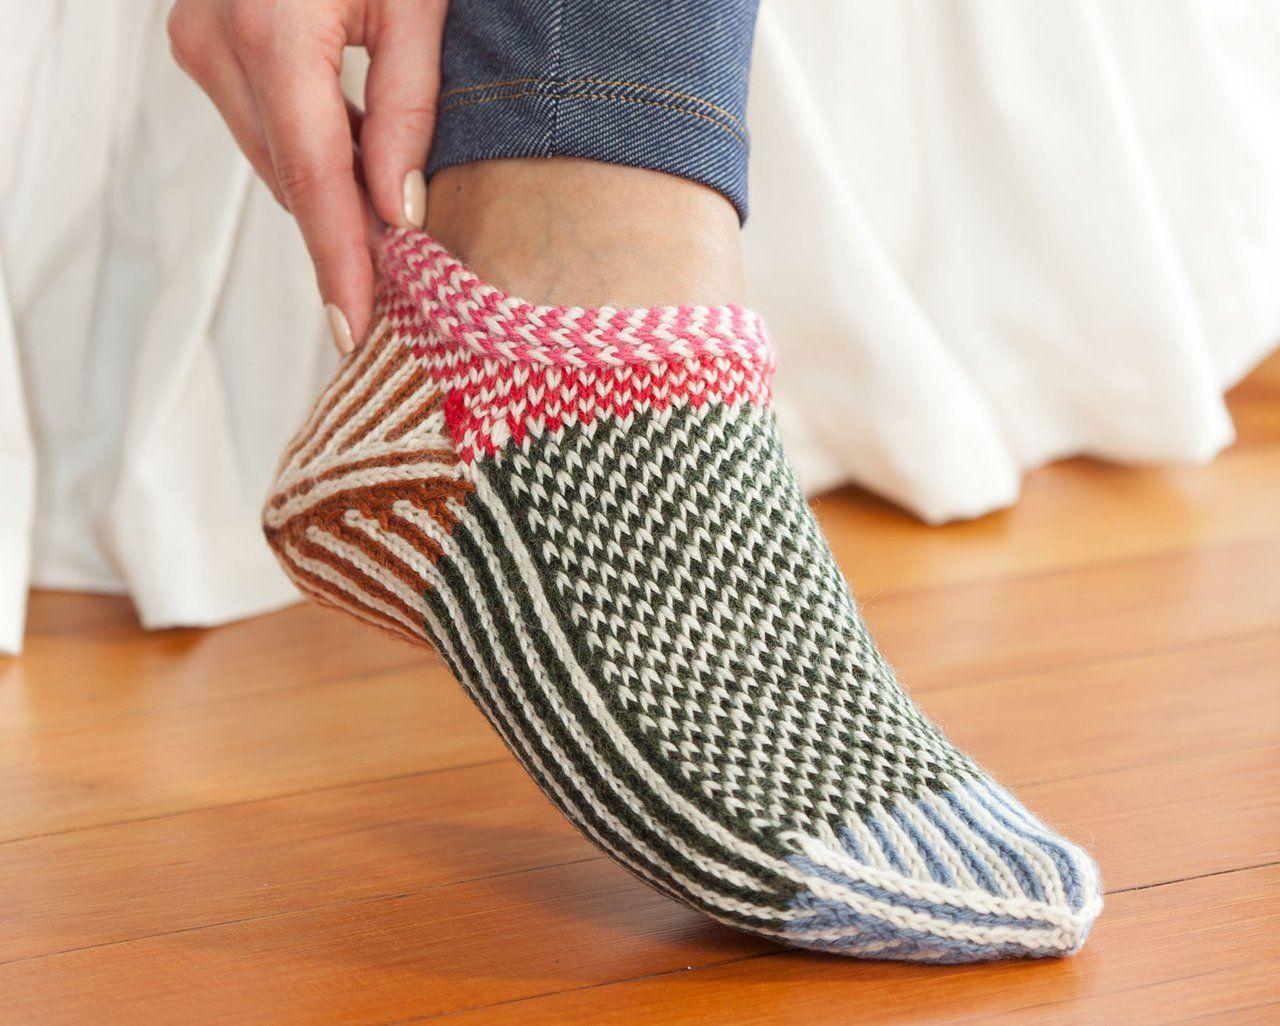 Knitting Scandinavian Slippers And Socks Slippers Pattern Knitted Slippers Sock Knitting Patterns